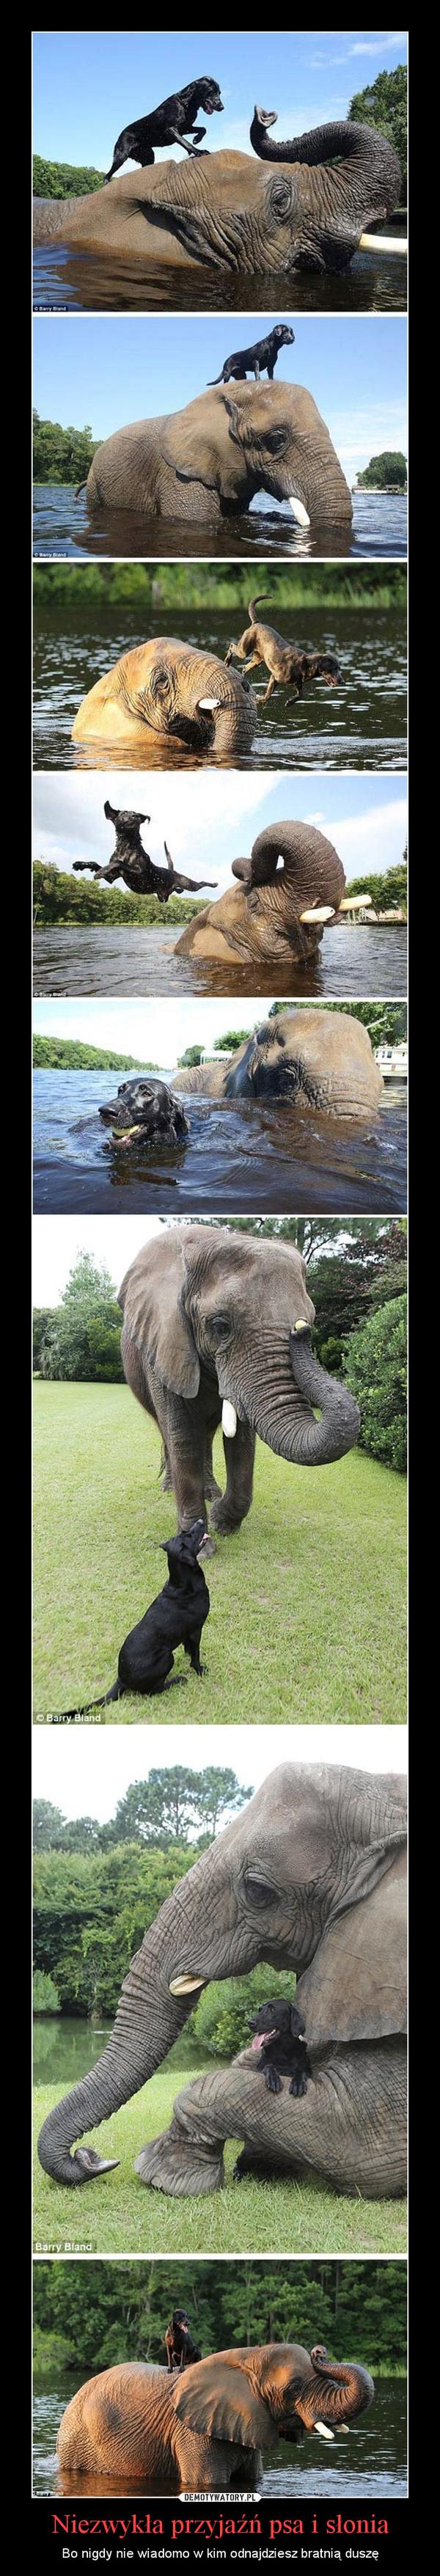 Niezwykła przyjaźń psa i słonia – Bo nigdy nie wiadomo w kim odnajdziesz bratnią duszę